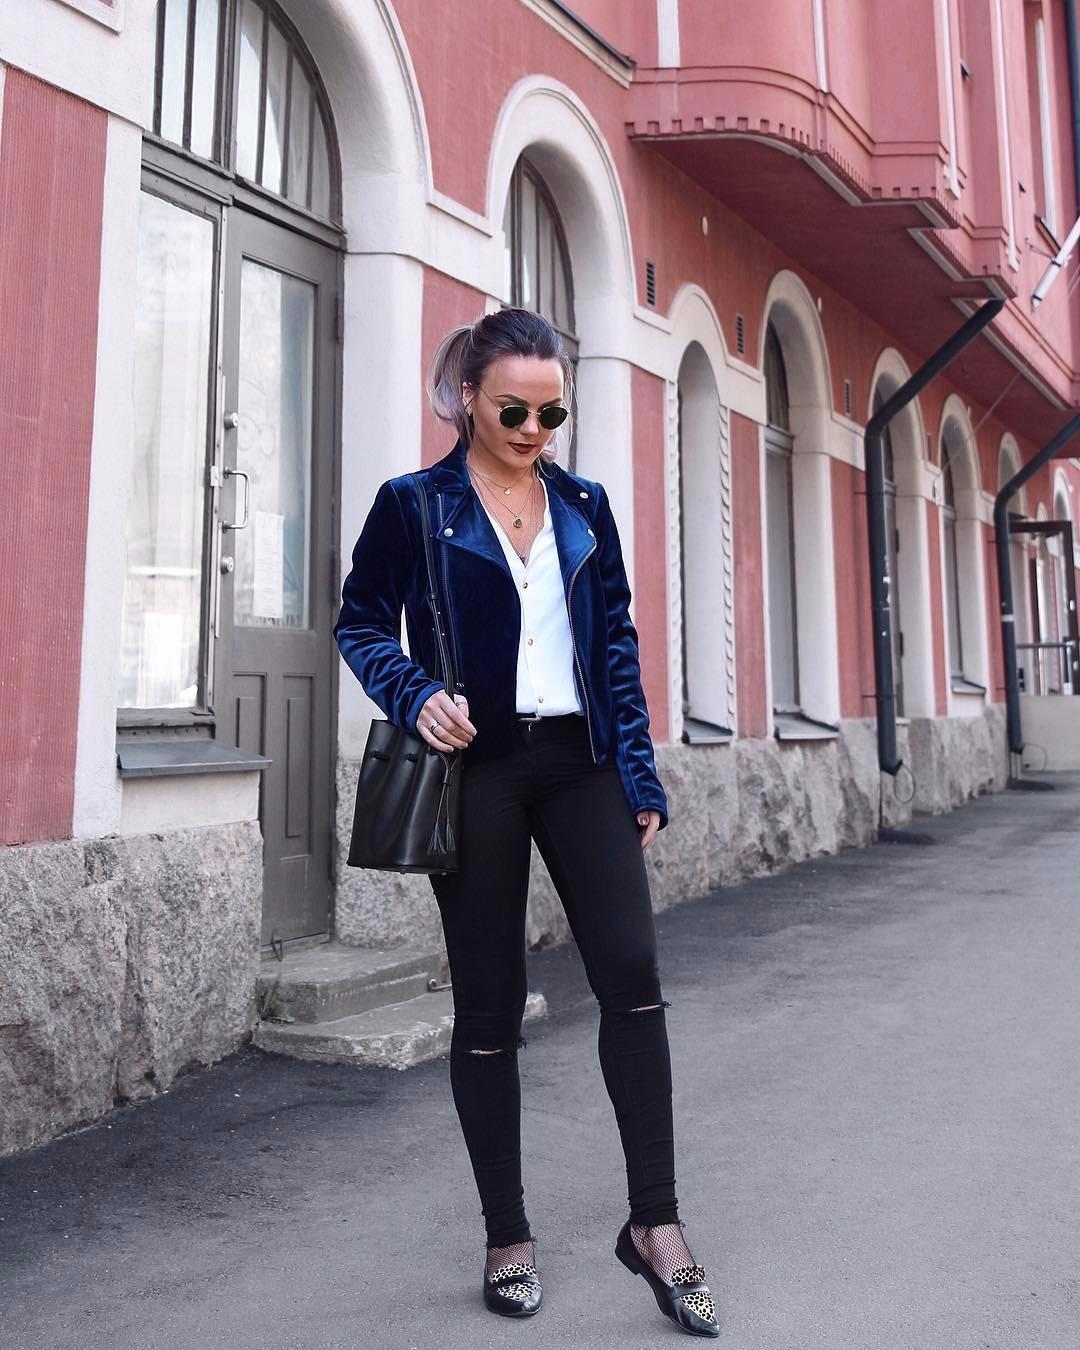 ᶠᴬˢᴴᴵᴼᴺ ᴵᴺˢᴾᴵᴿᴬᵀᴵᴼᴺTakki @wearembym :stä 🖤TOP 5 vaatetta, joihin en pukeudu vuonna 2017:1️⃣ Musta nahkatakki. Tykkään siitä kovasti, mutta 7 vuodessa väsyy. Sitä on ollut jo liian paljon🤷♀️ 2️⃣ Convers kengät ovat siistit ja laadukkaat päivittäiseen käyttöön, mutta päätin, että en osta niitä tänä vuonna💁🏼 3️⃣ Röyhelövaatteet. Röyhelö (ruffle) on hyvin trendikästä nyt, mutta kun minä pukeudun niihin näytän talonpojalta heinänteossa🤦🏼♀️ 4️⃣ Nahkalegginssi -housut. Tämä on jo oikeasti…